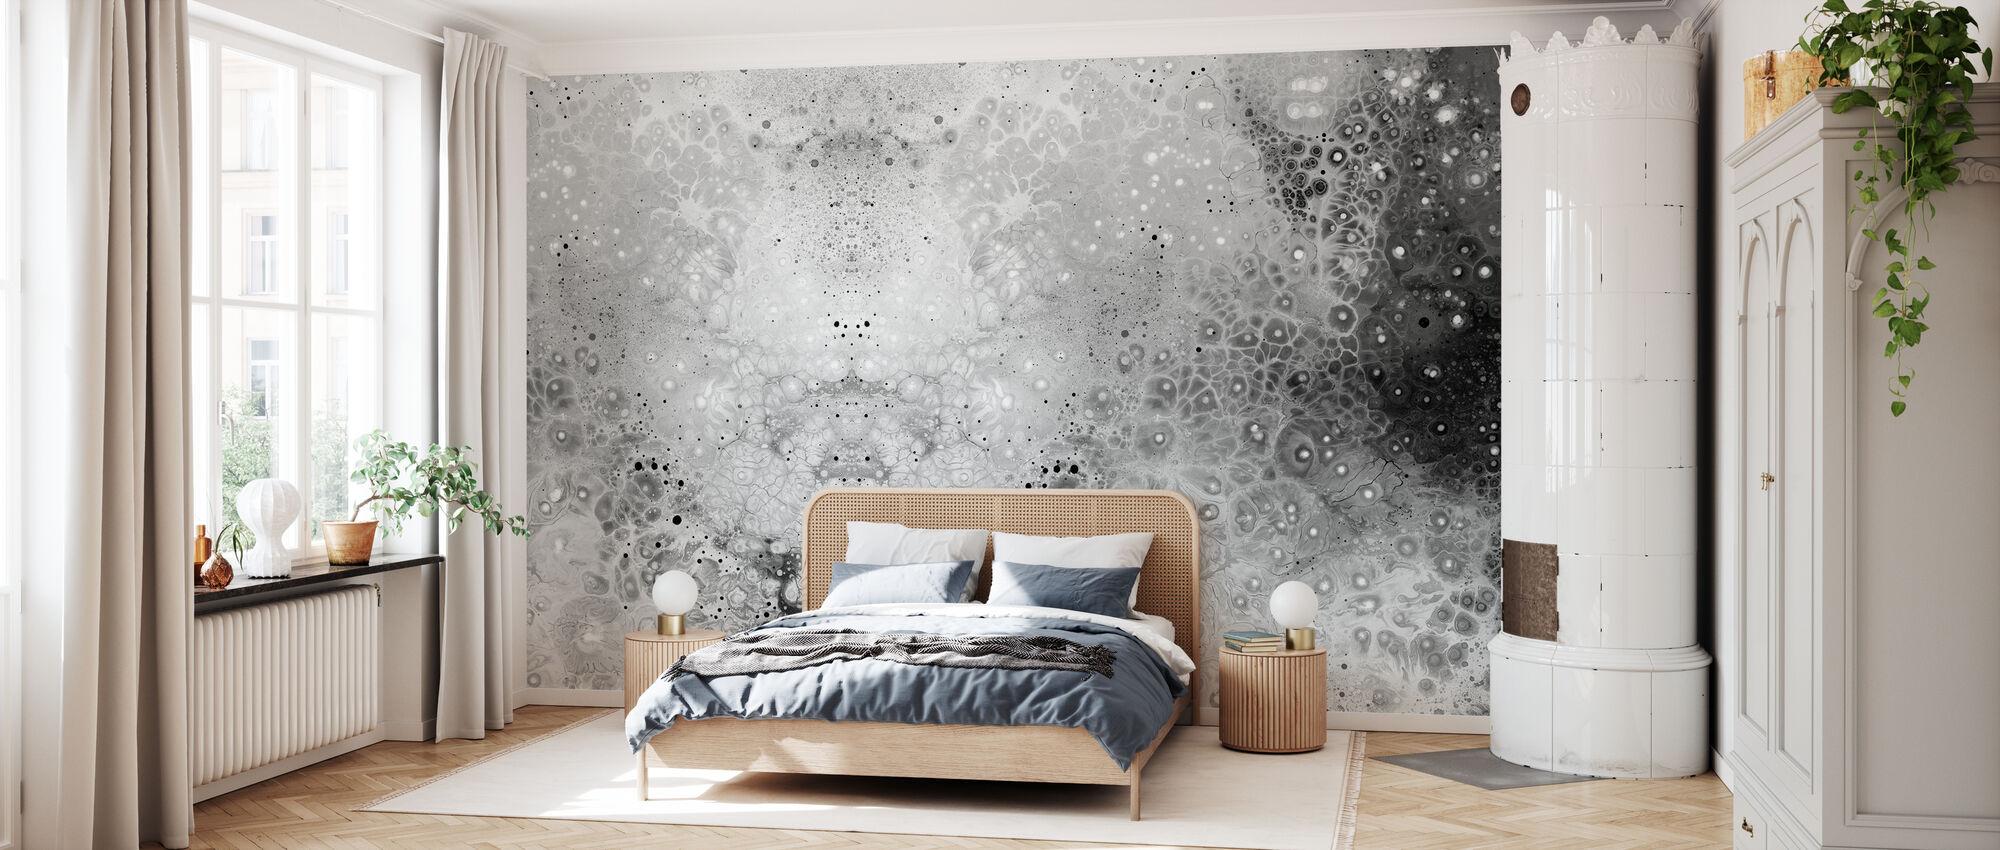 AURA Esoteric - Wallpaper - Bedroom